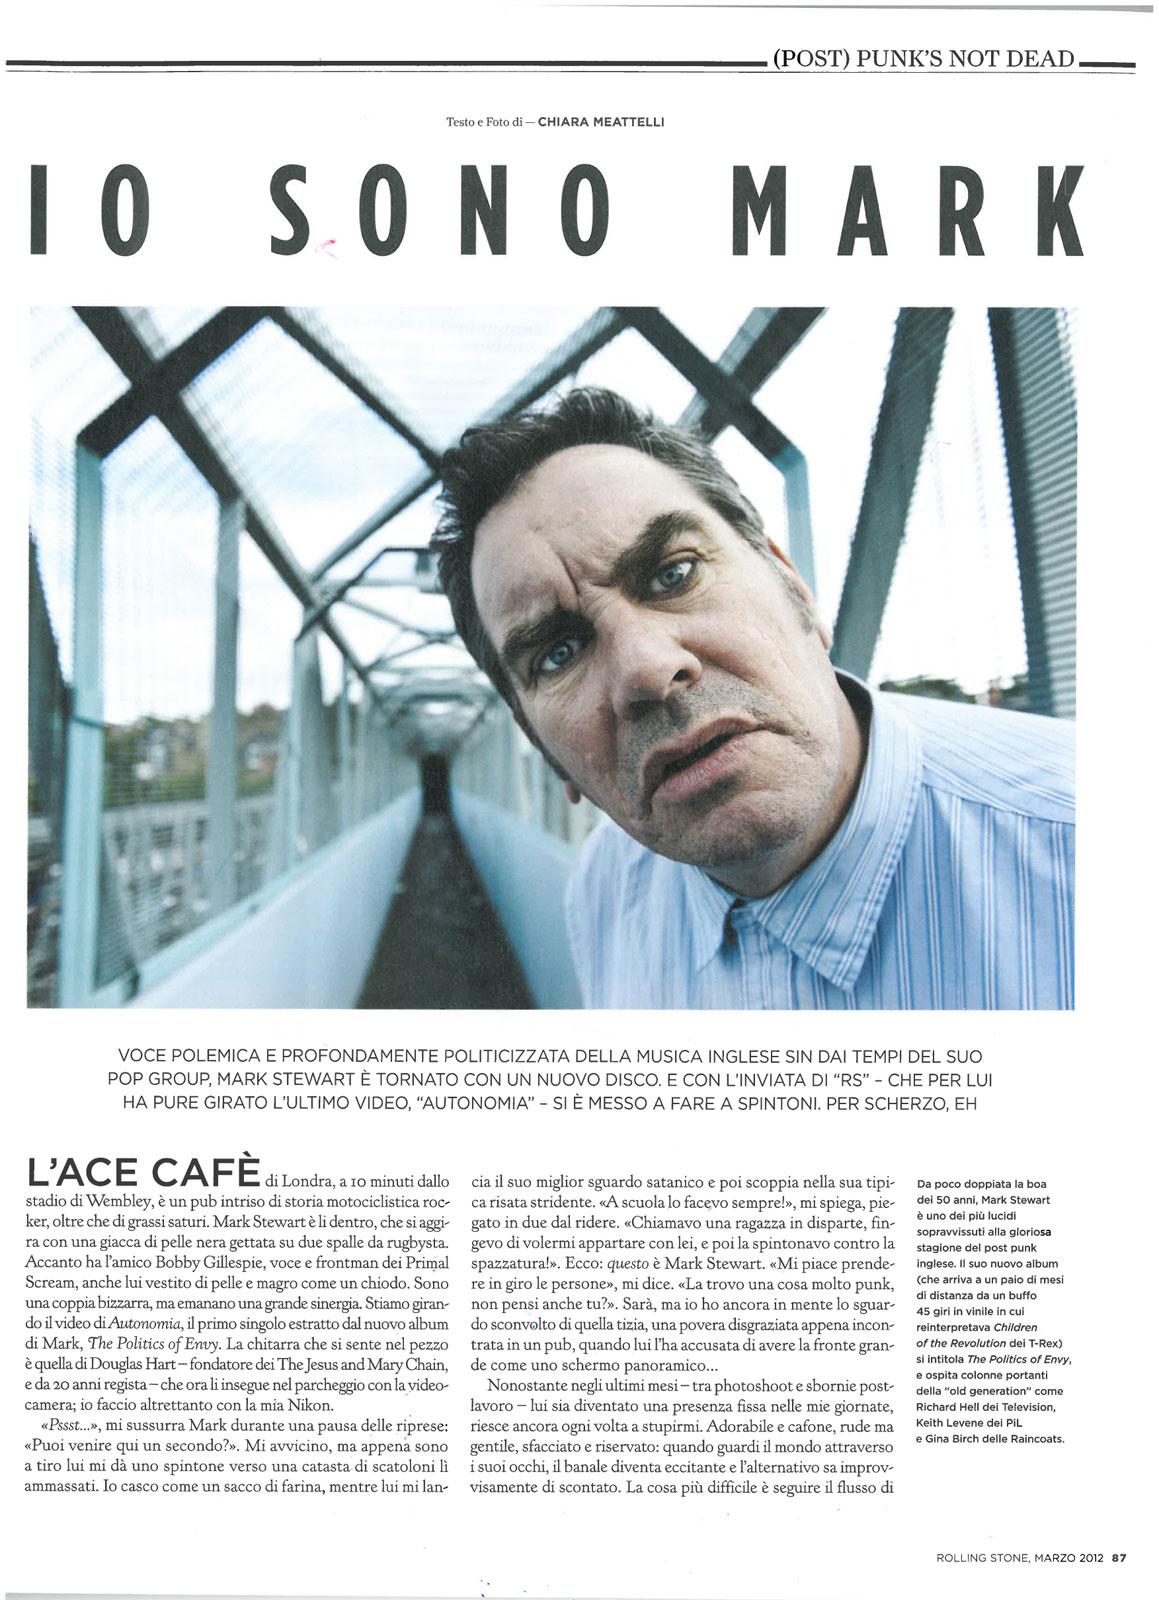 Rolling Stone magazine: Mark Stewart interview & photo